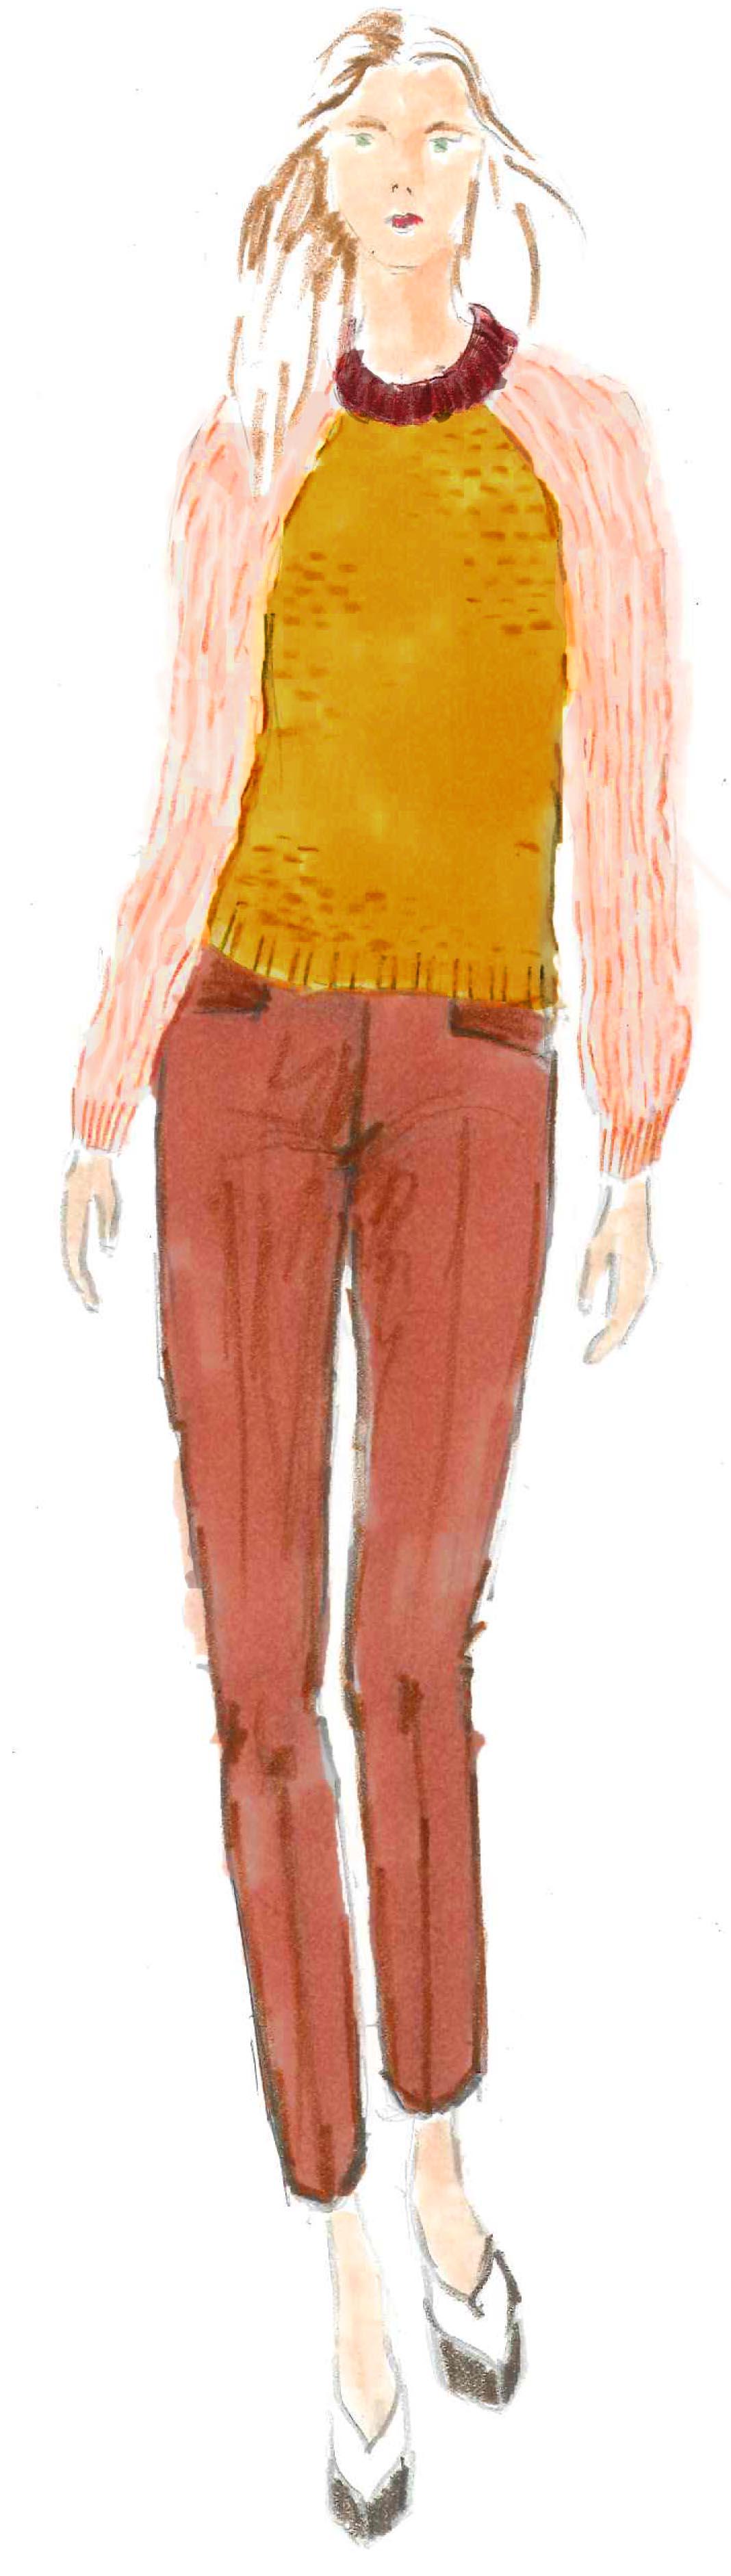 ochre_pink_wine_sweater_sketch.jpg